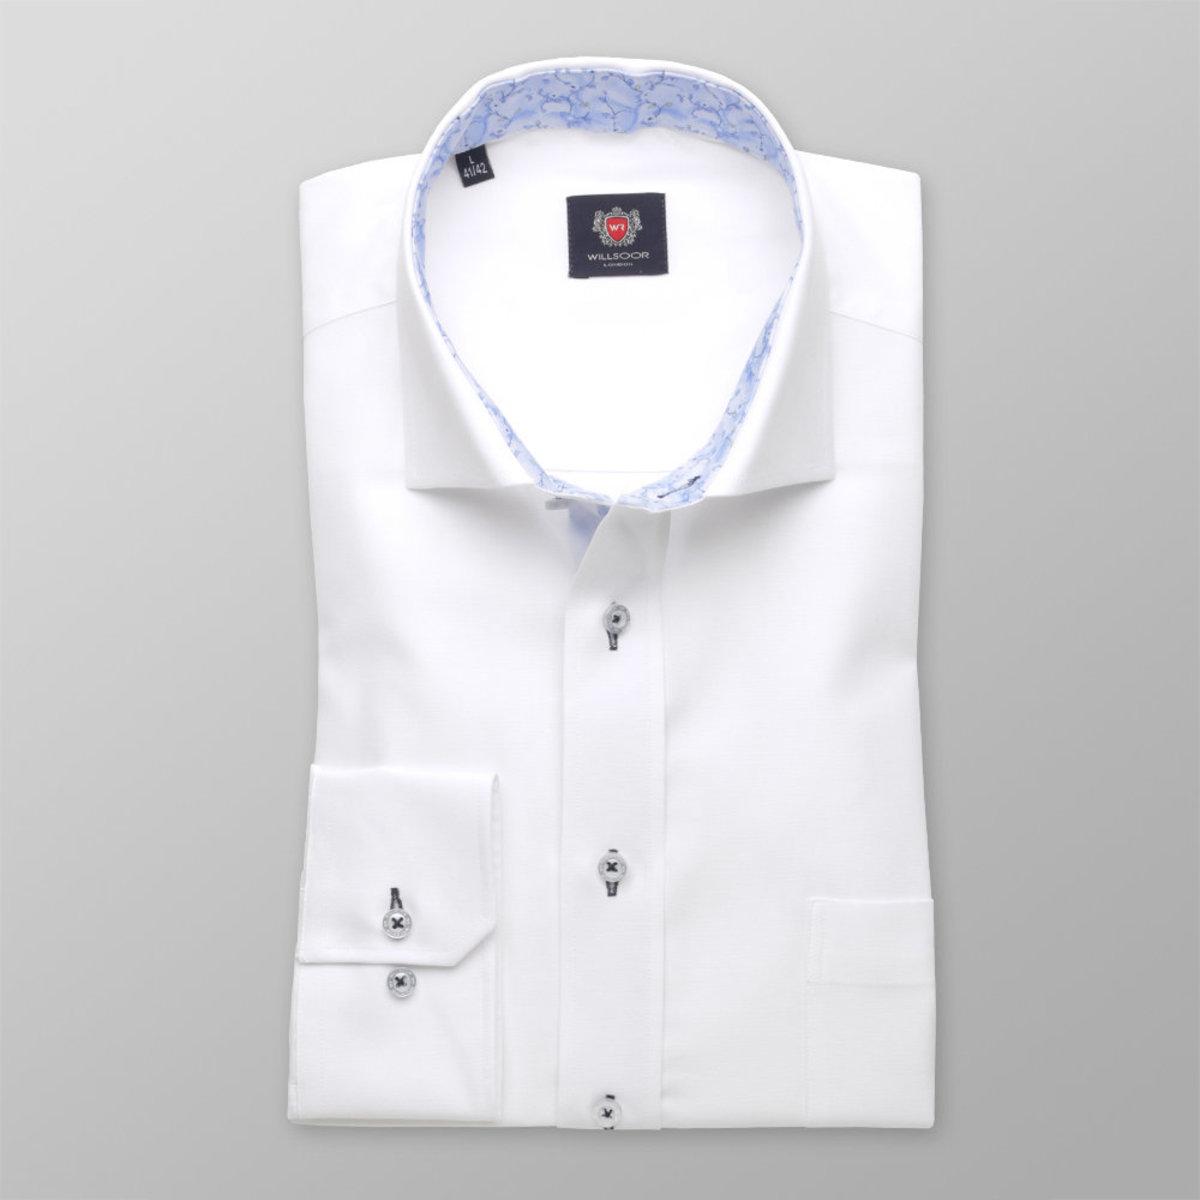 Pánská klasická košile London (výška 176-182) 8373 v bílé barvě 176-182 / XL (43/44)